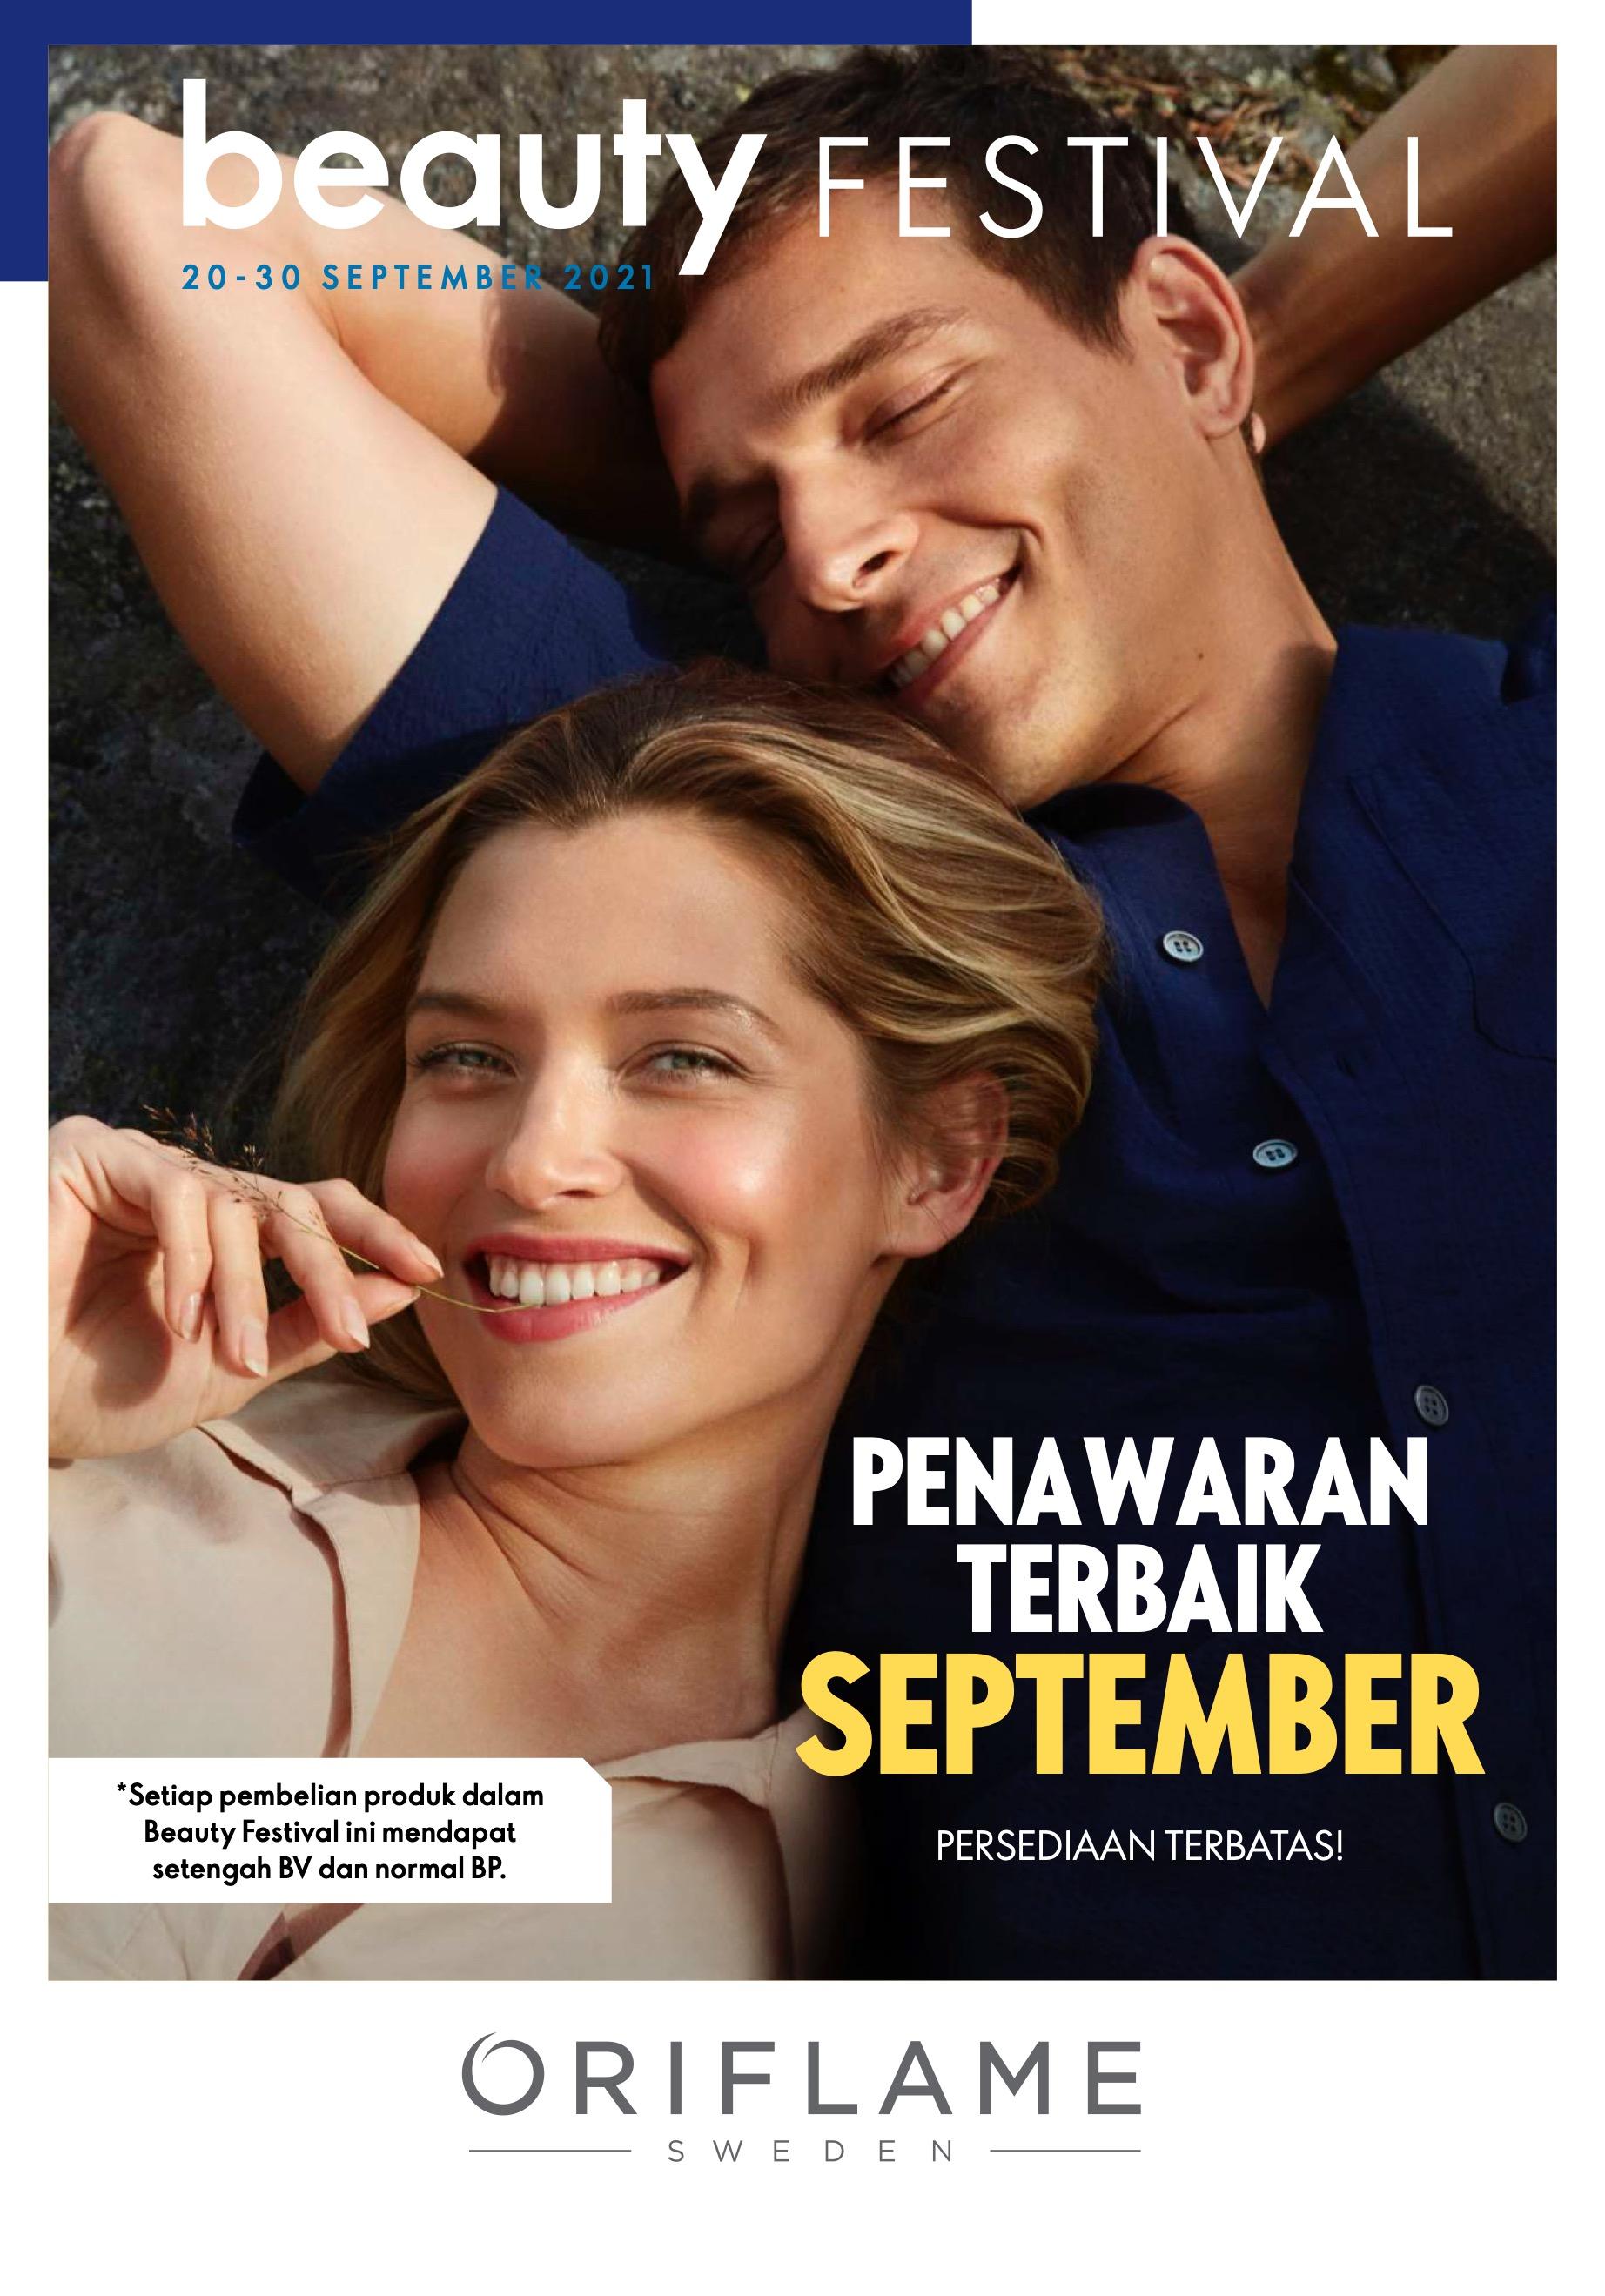 Beauty_Festival_20-30_September_2021-1